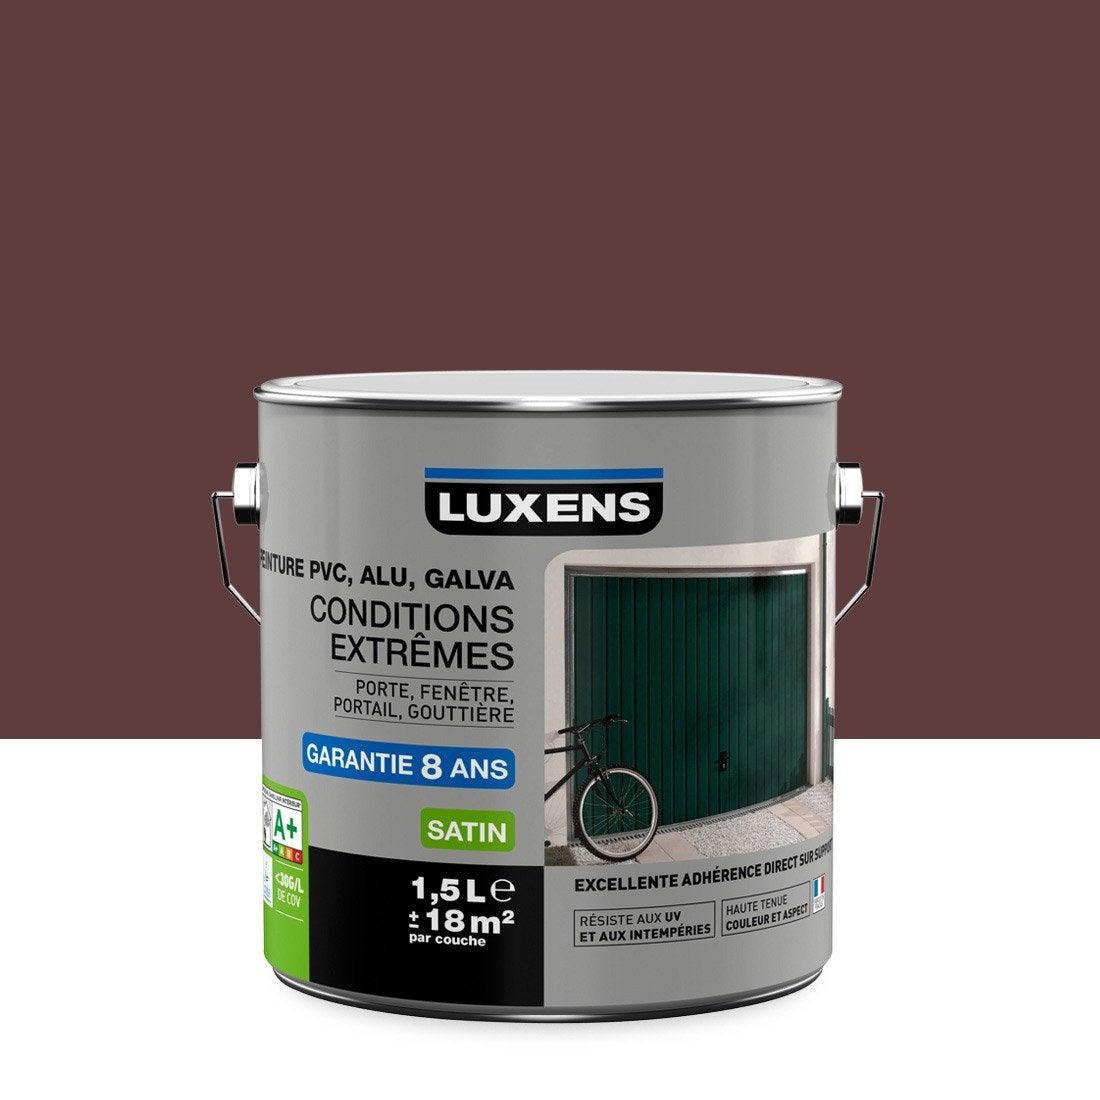 Peinture PVC/alu/galva Extérieur Conditions Extrêmes LUXENS, Rouge Basque,  ...